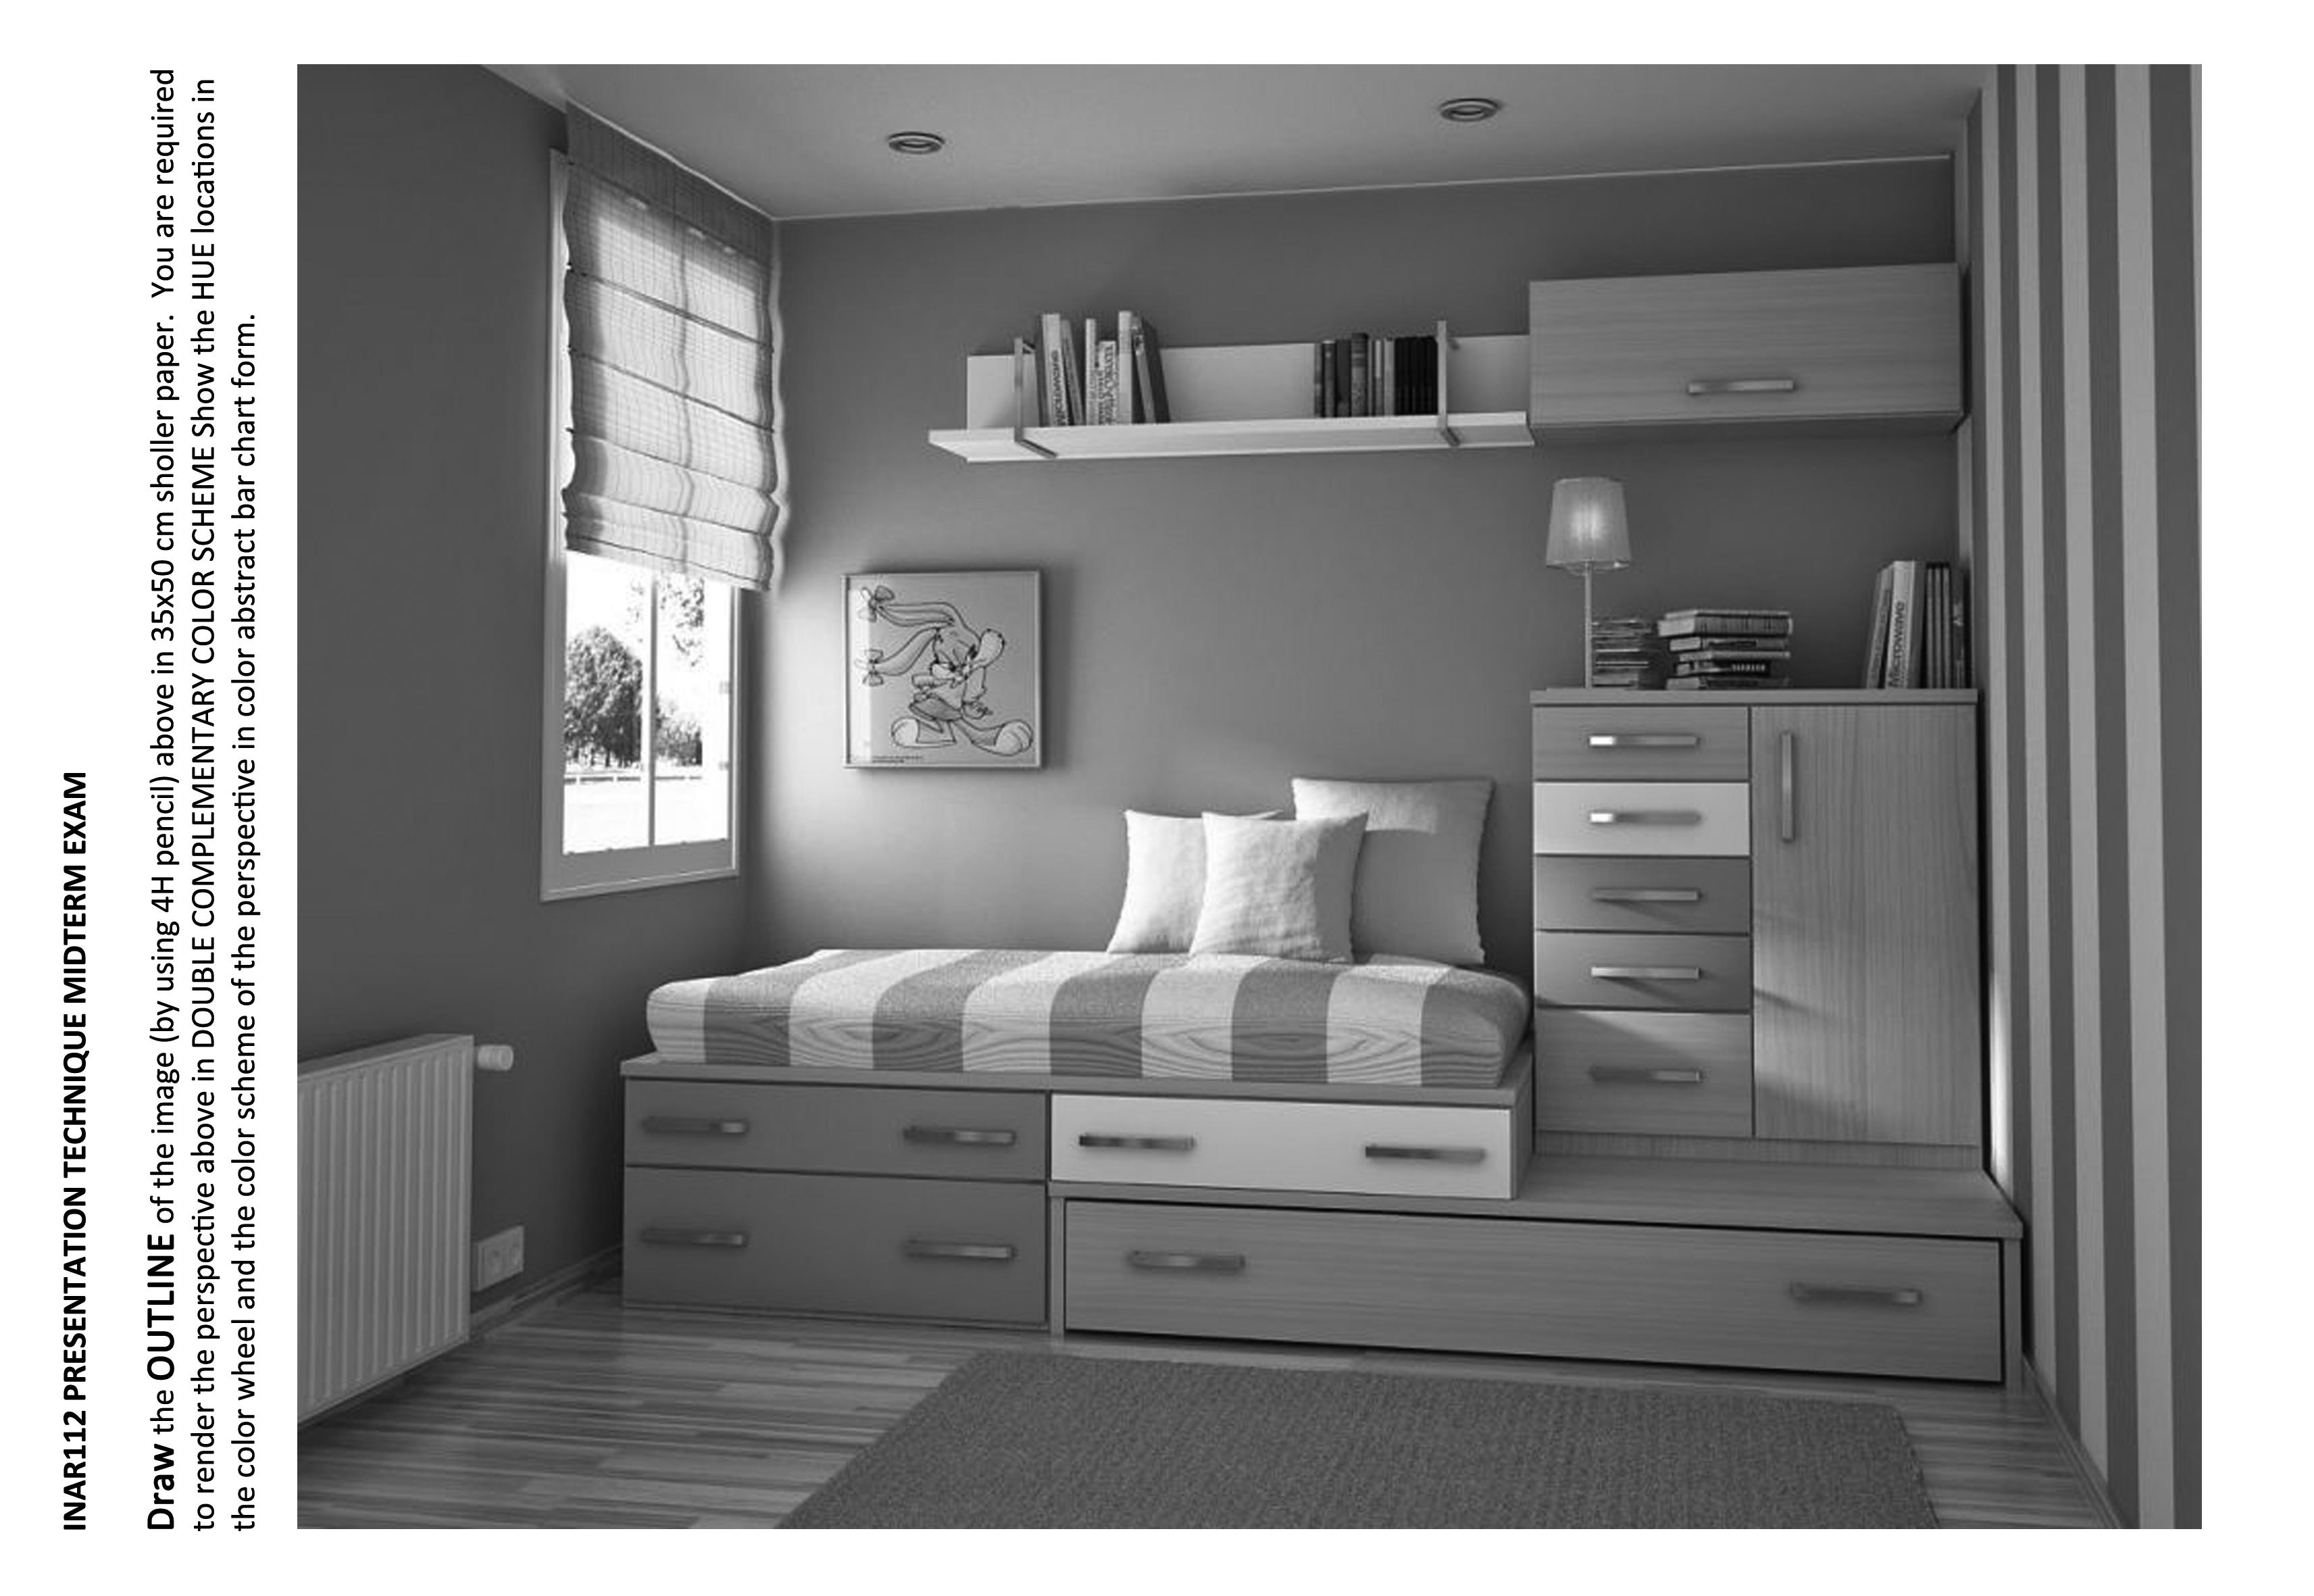 Слова: дизайн комнаты подростка.